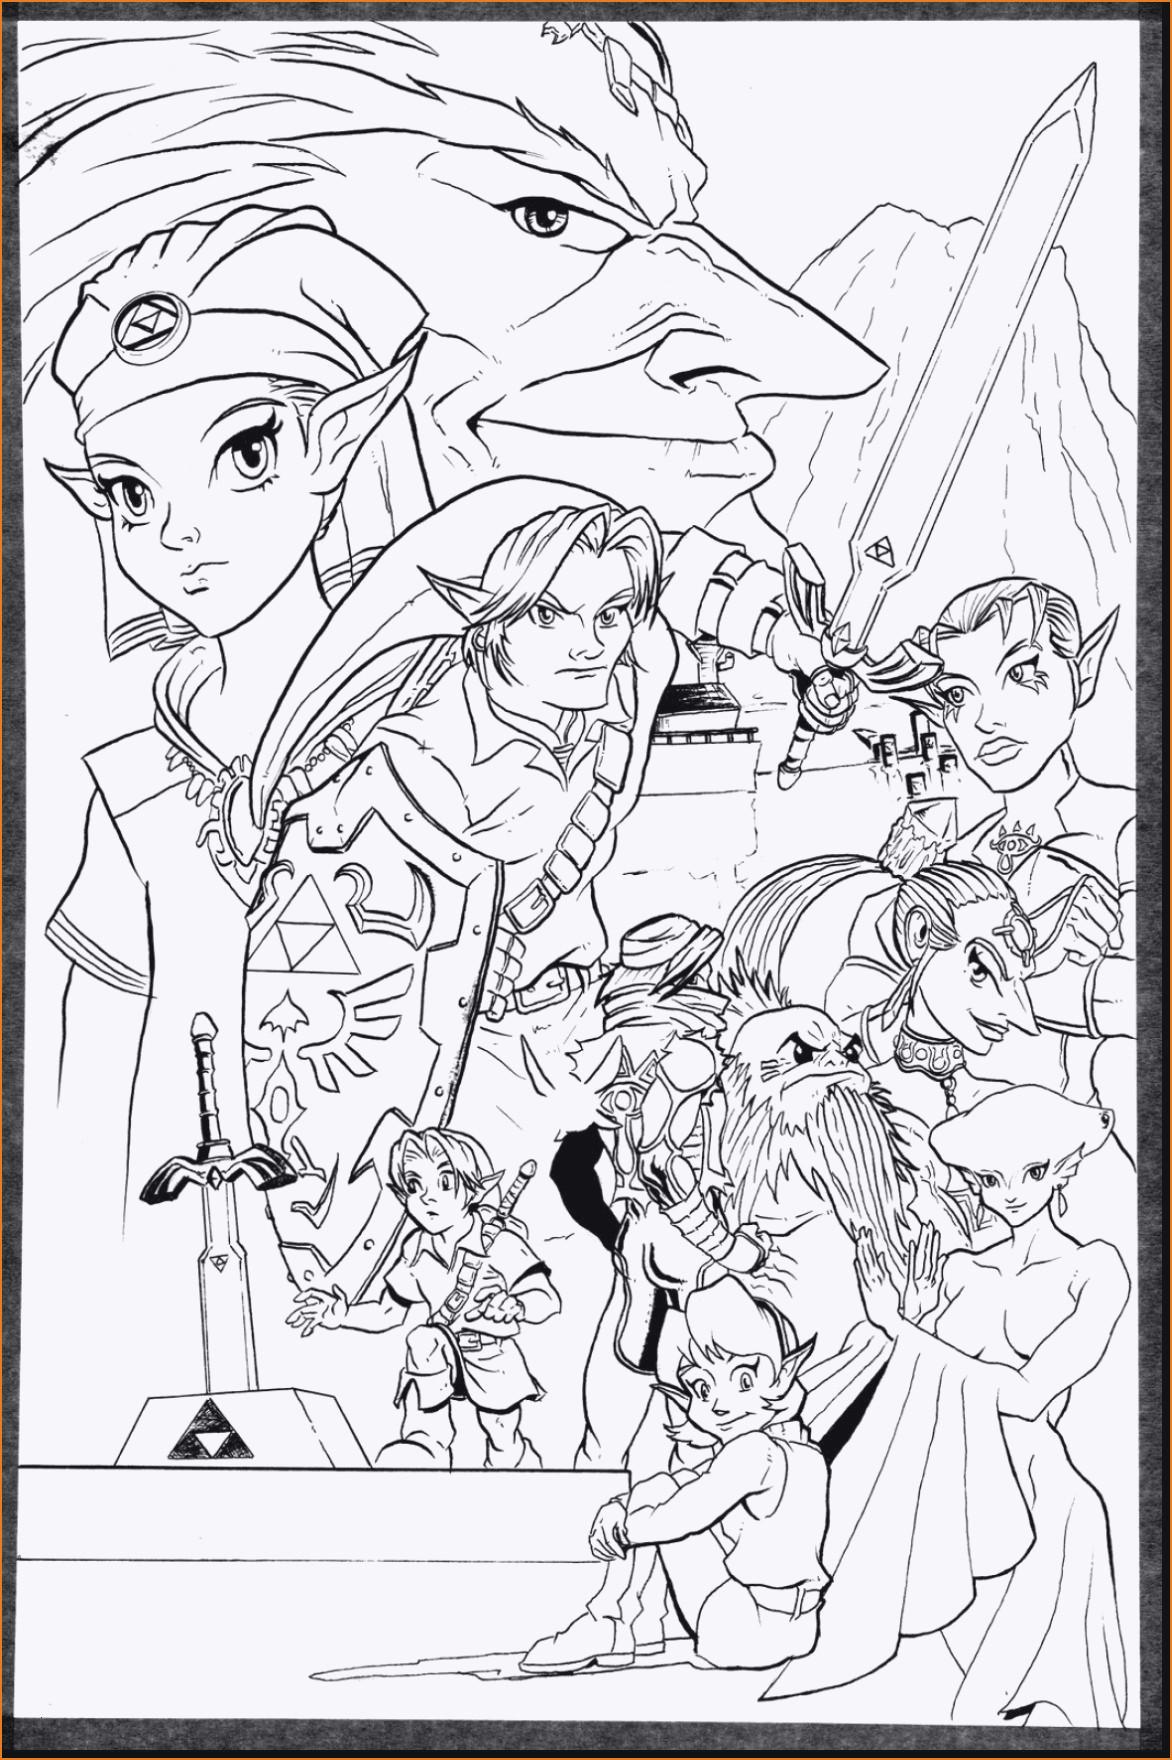 The Legend Of Zelda Ausmalbilder Neu Zelda Coloring Pages Zelda Coloring Pages Unique 41 Prinzessin Zelda Galerie